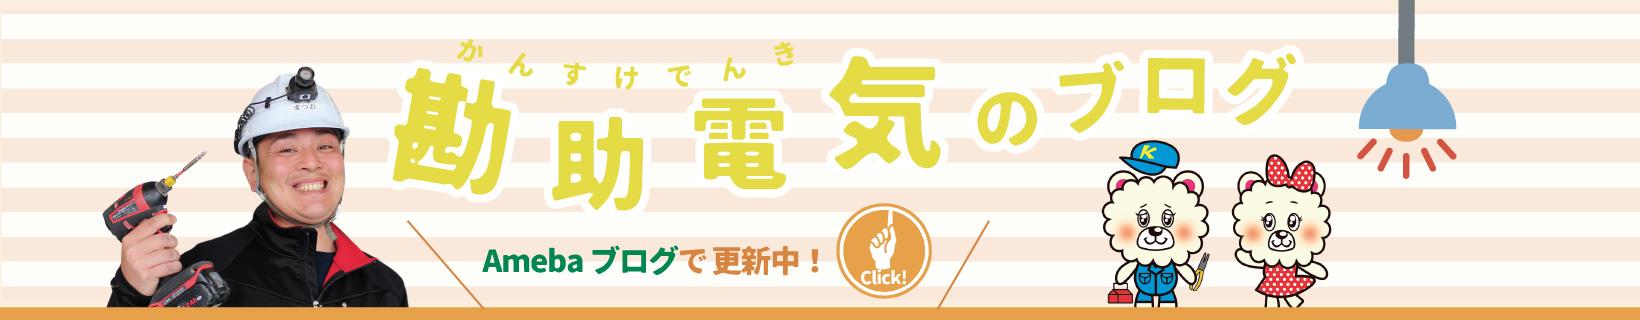 勘助電気のブログ by Amebaブログ